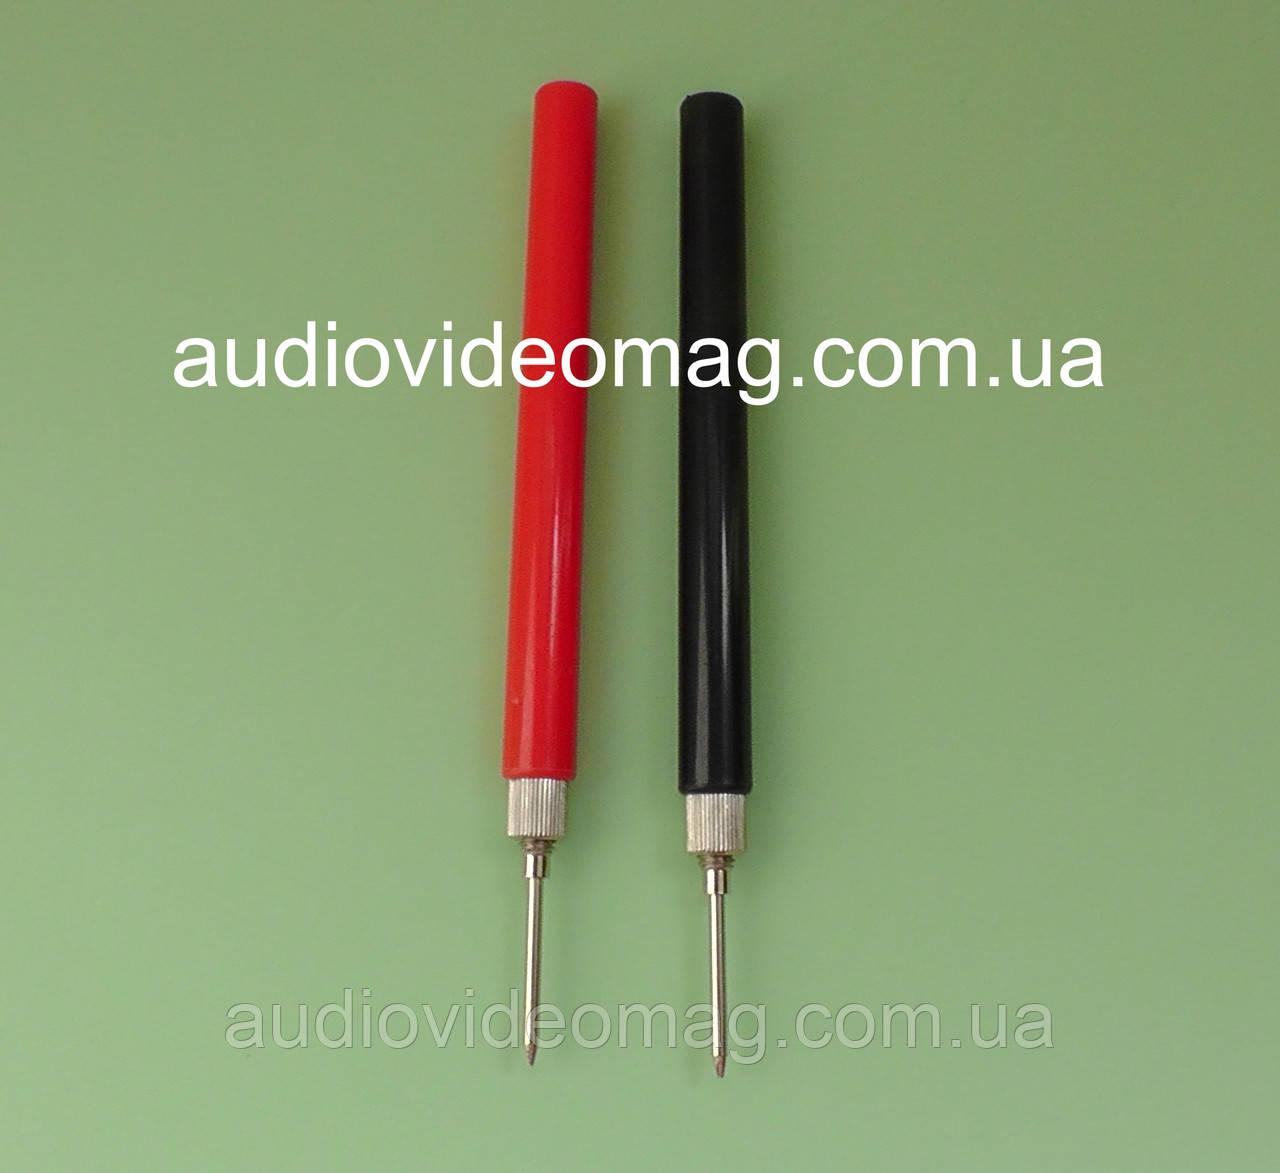 Щупы-карандаши универсальные для тестера мультиметра, цена за пару